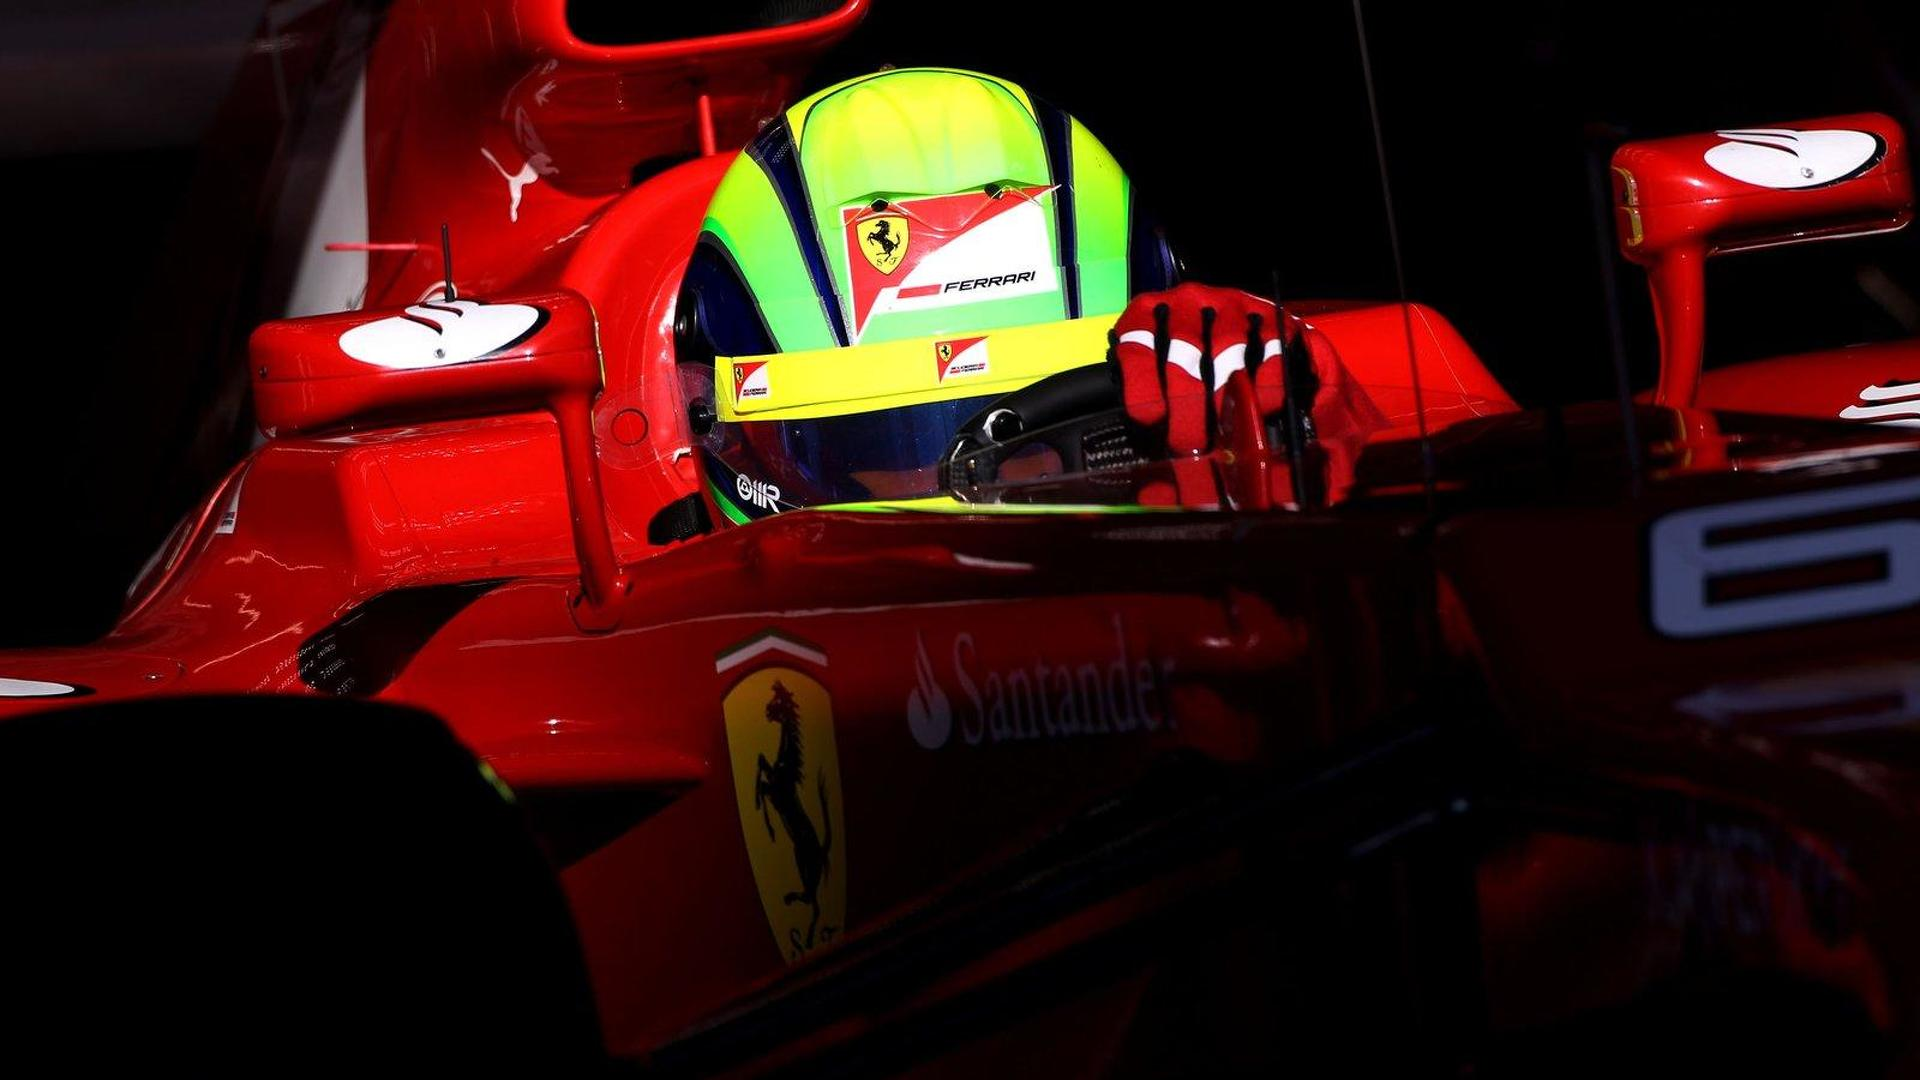 Ferrari to decide on 2014 focus switch - Massa